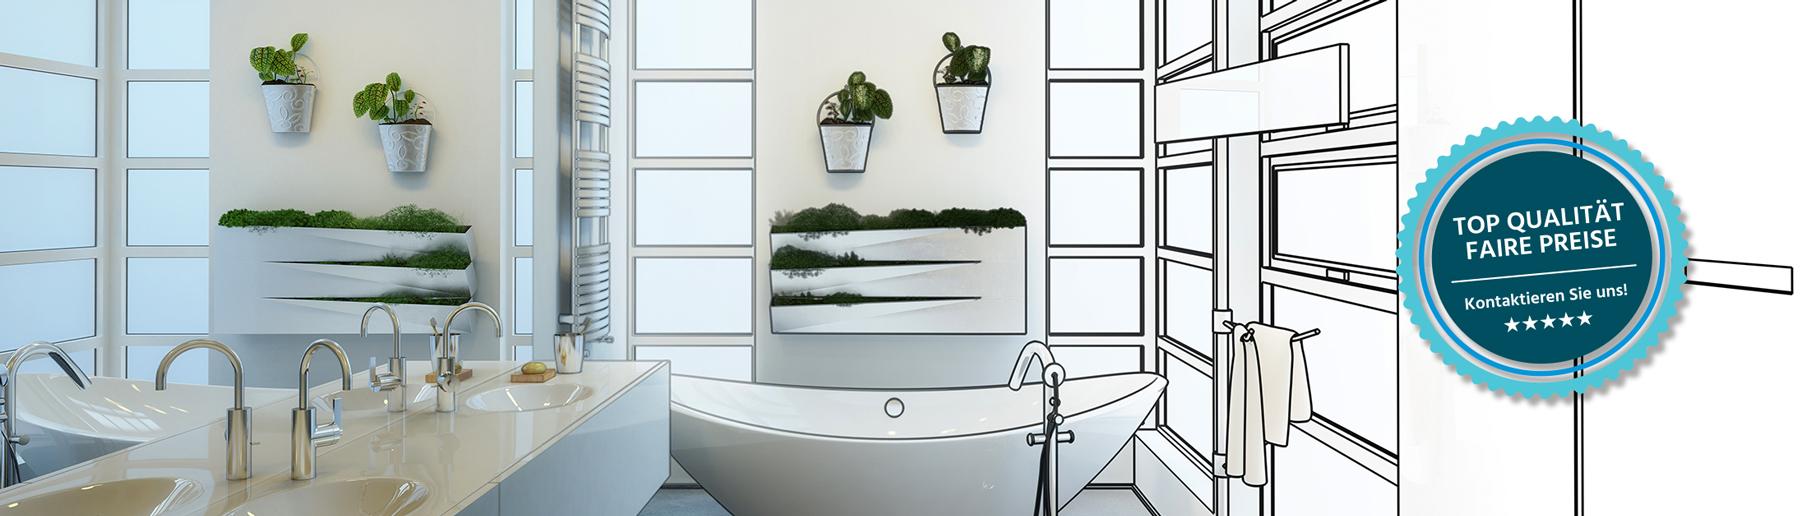 Badezimmer renovieren mit Lutz Simon Bauunternehmung und Generalunternehmung Küsnacht/Zürich